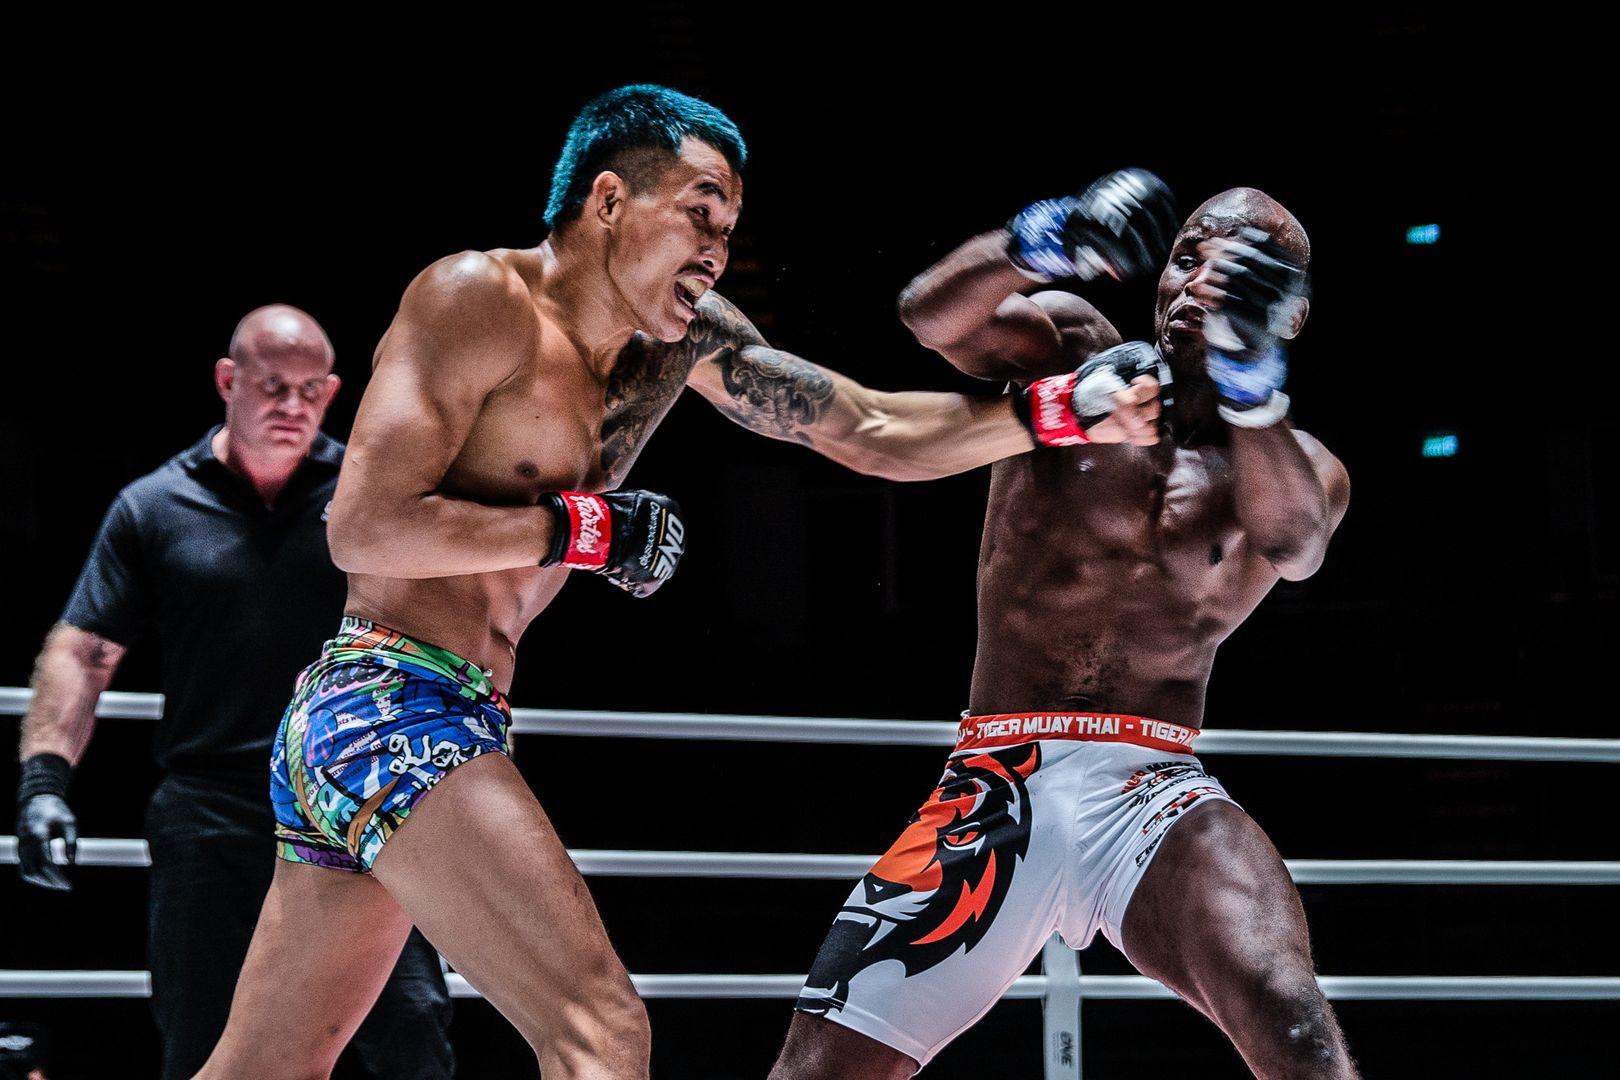 Mixed martial artist Yodkaikaew Fairtex cracks John Shink with an uppercut